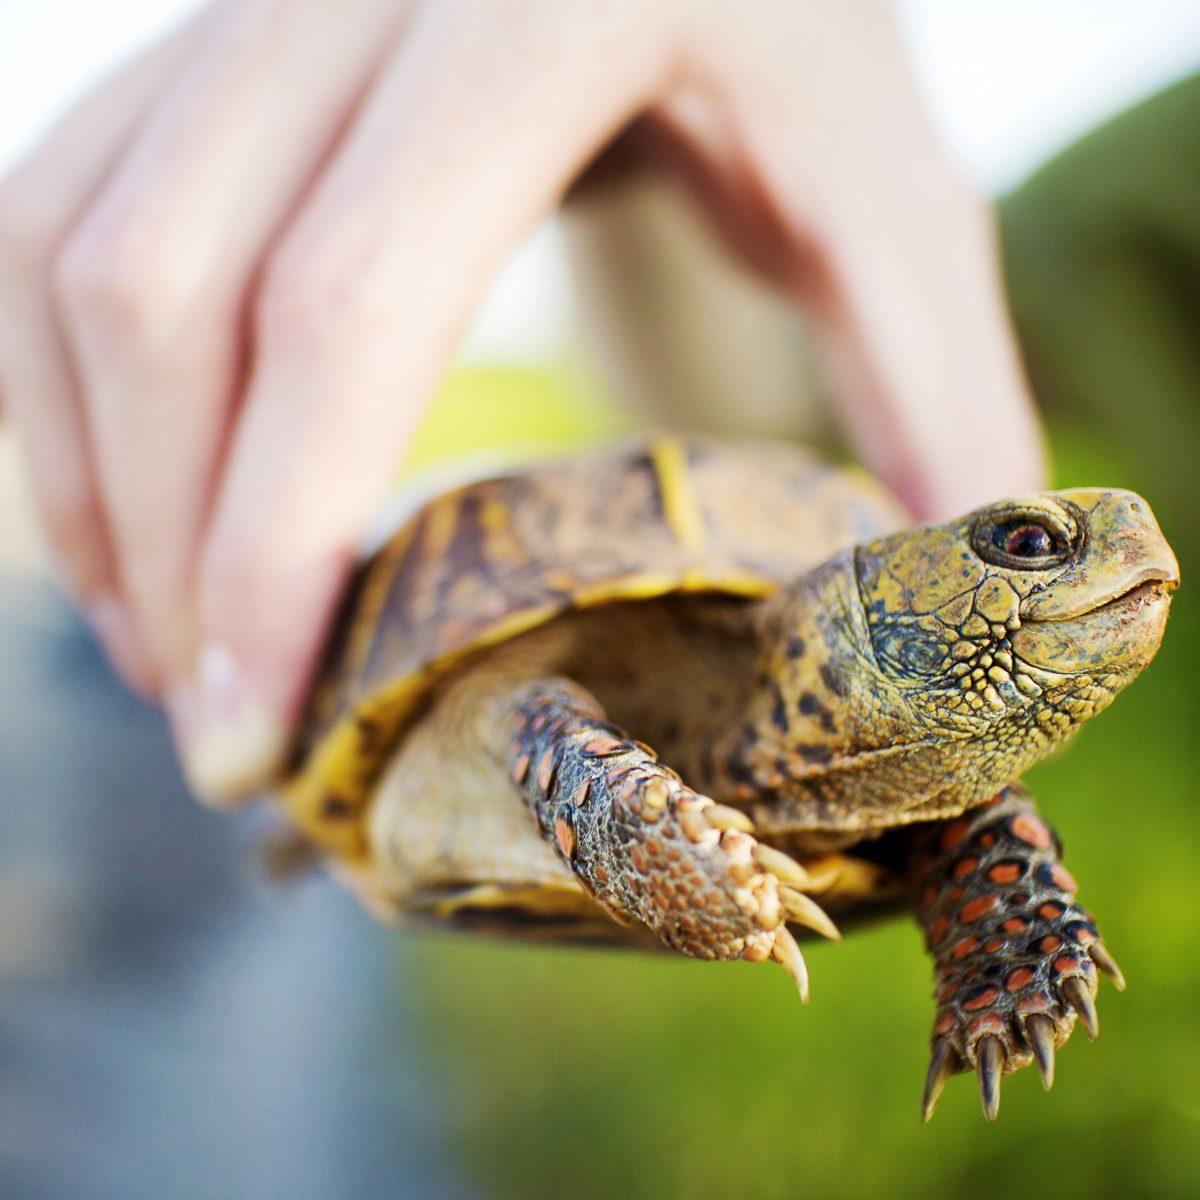 از لاکپشت کنار برکهای خزری